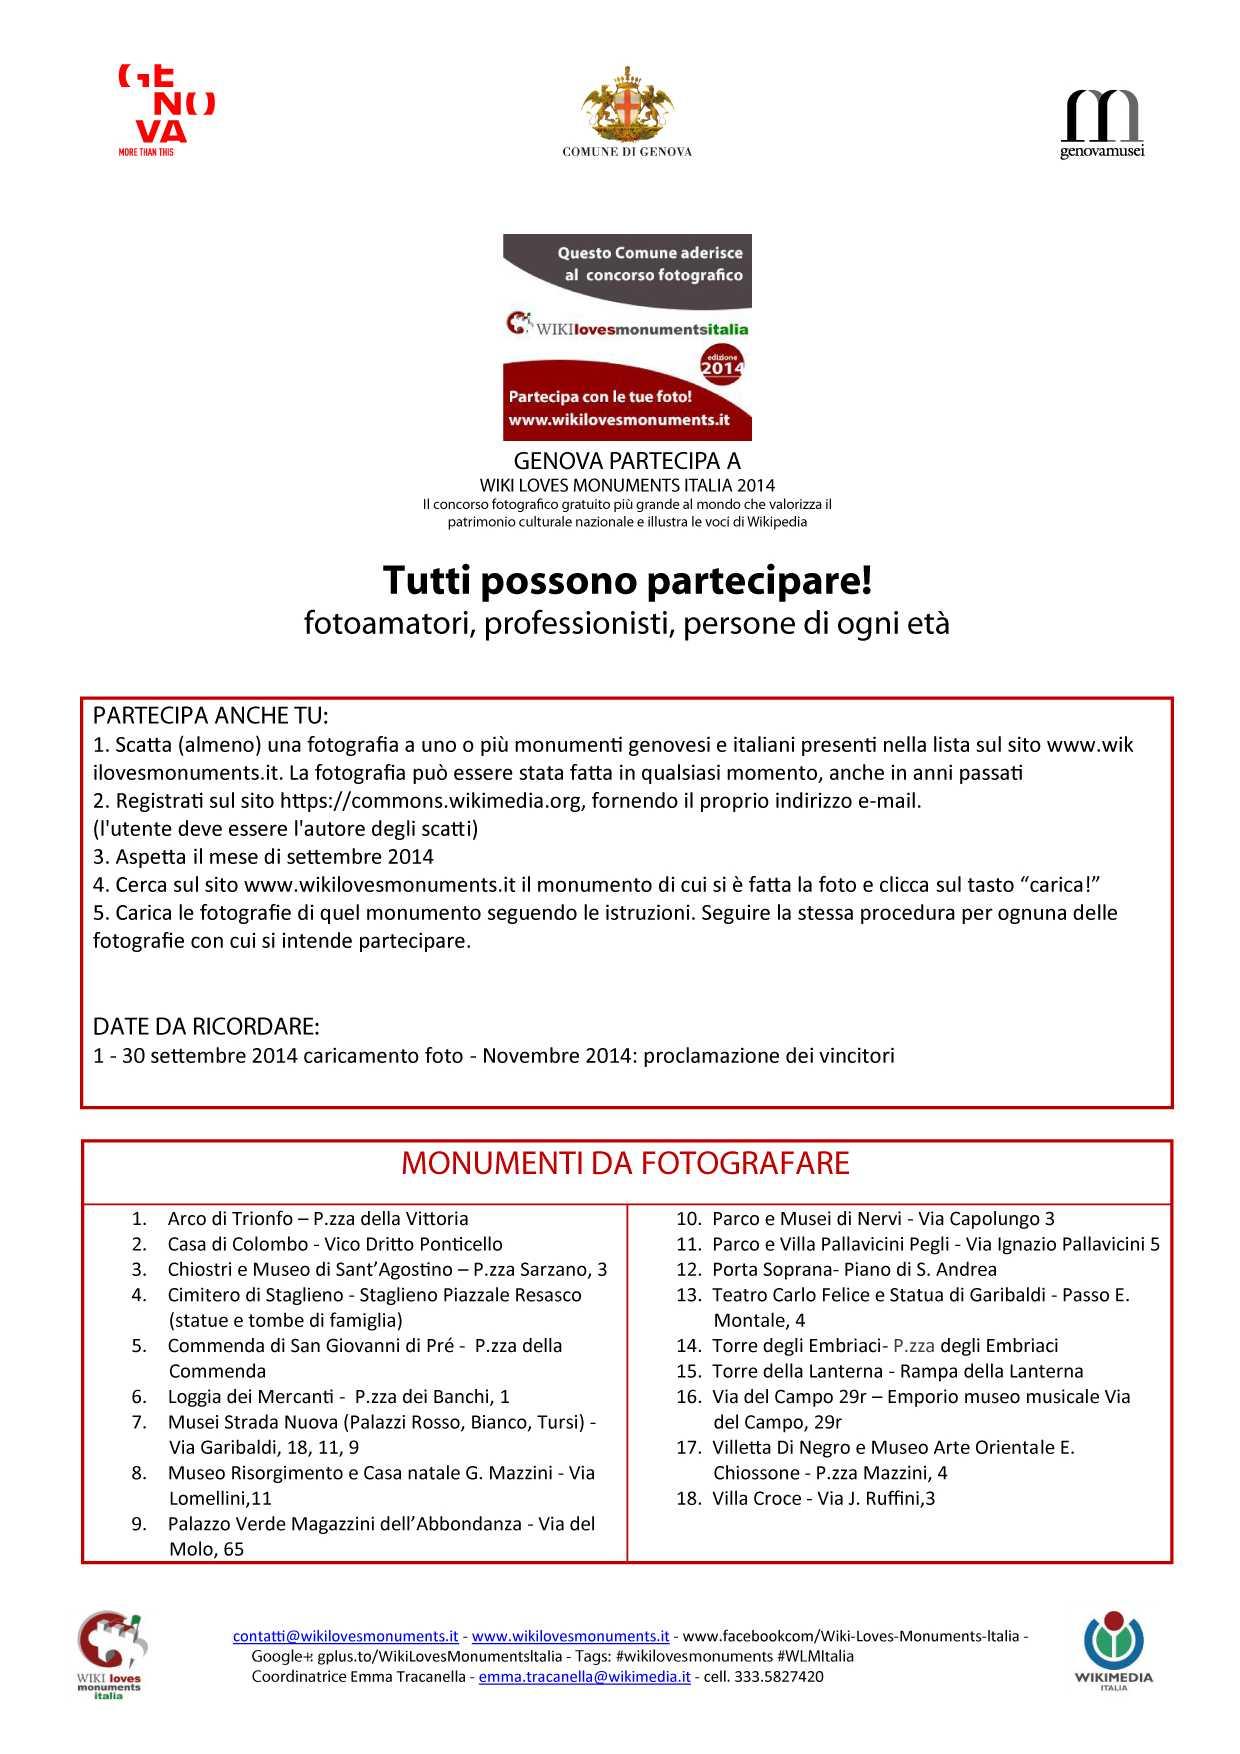 Locandina del Comune di Genova, con l'elenco dei Monumenti